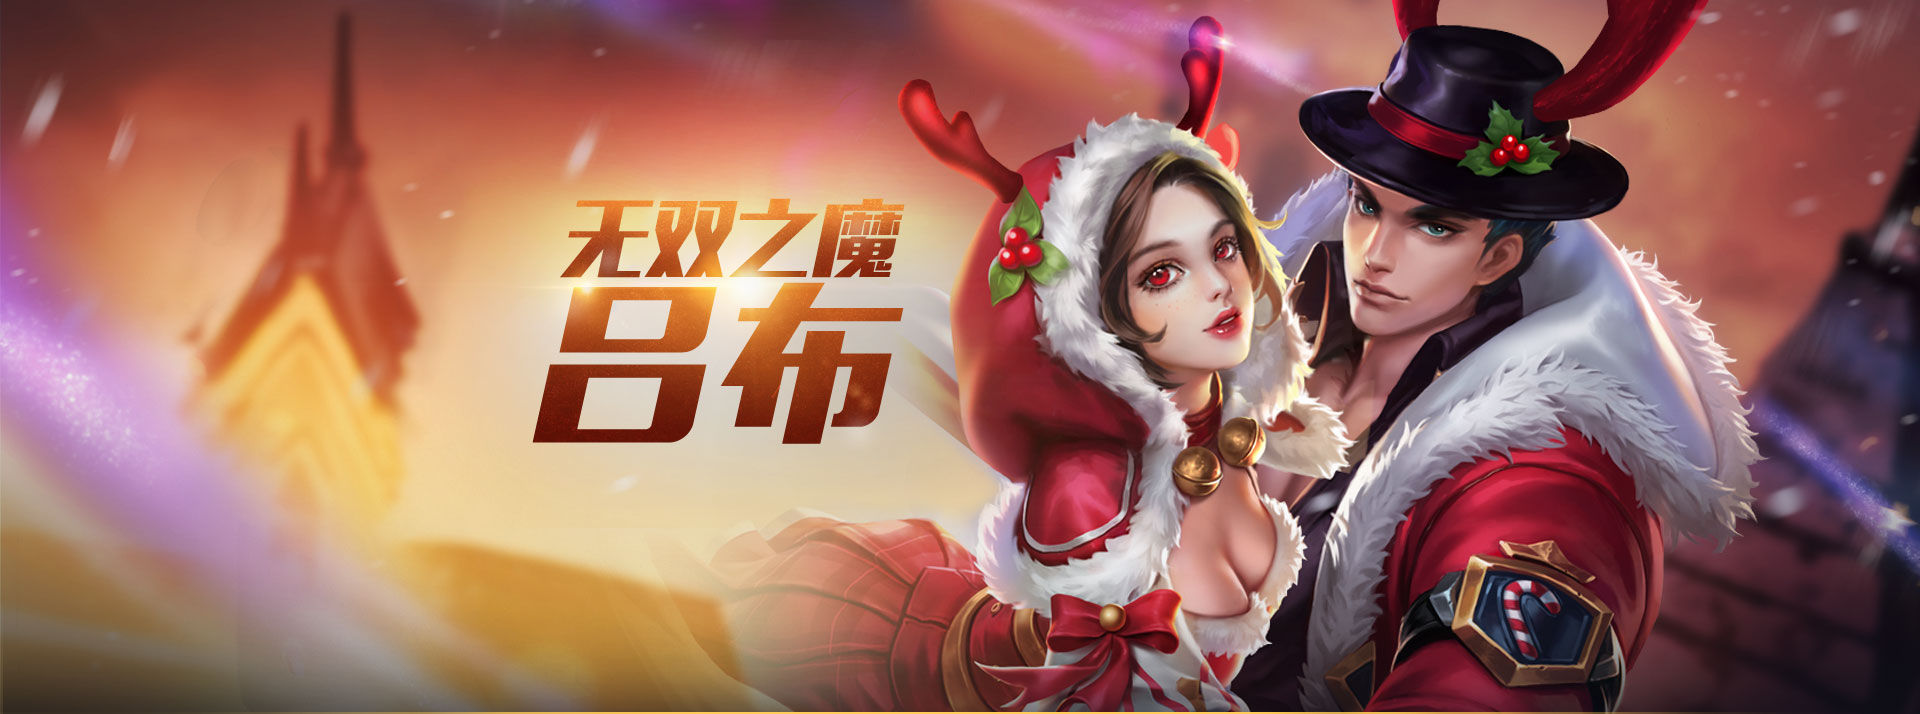 第2弹《王者荣耀英雄皮肤CG》竞技游戏98